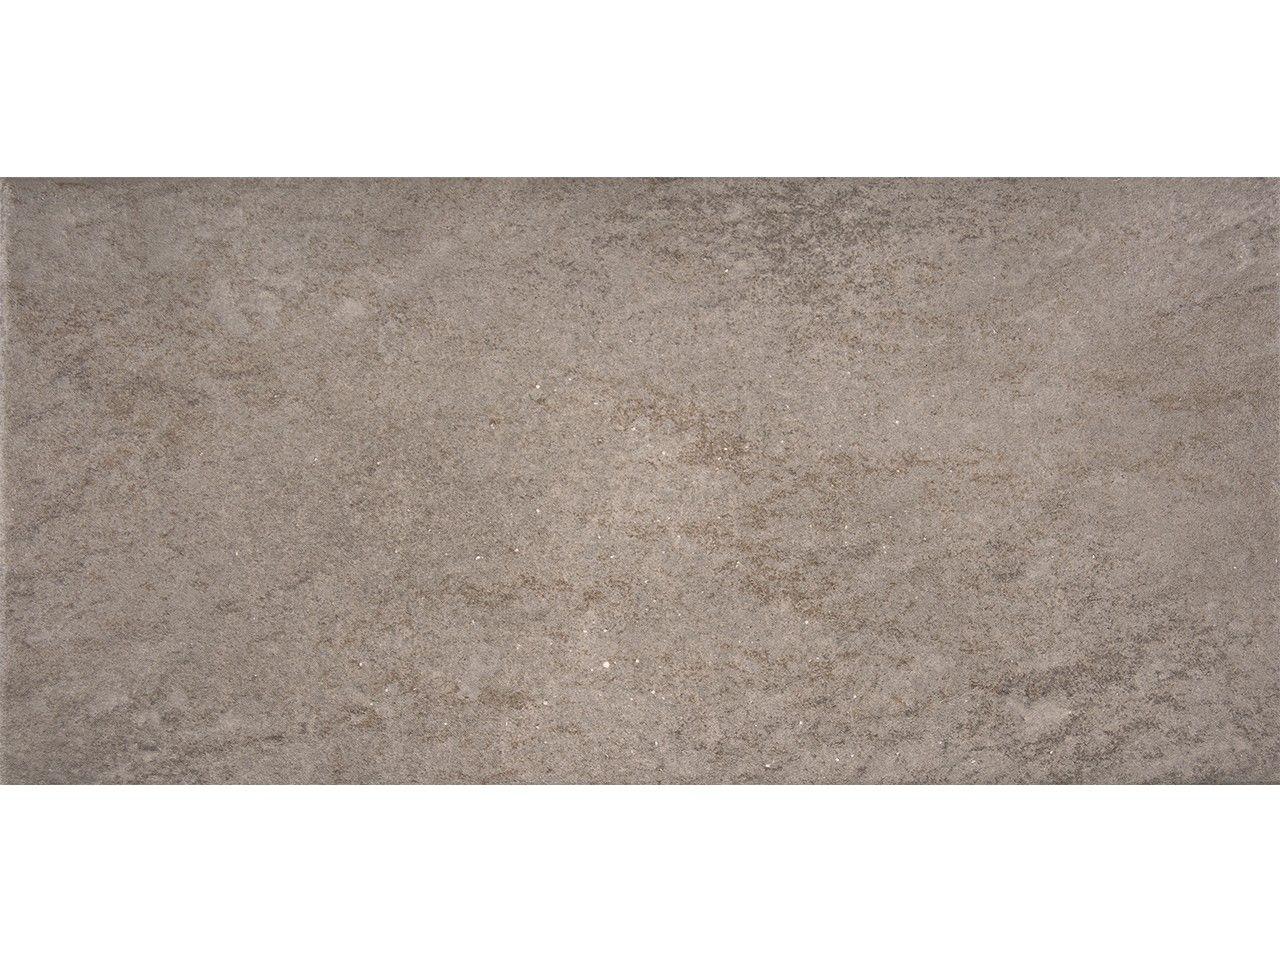 Piastrelle Da Esterno Grigio : Gres porcellanato da esterni dakota grigio tavelle formato